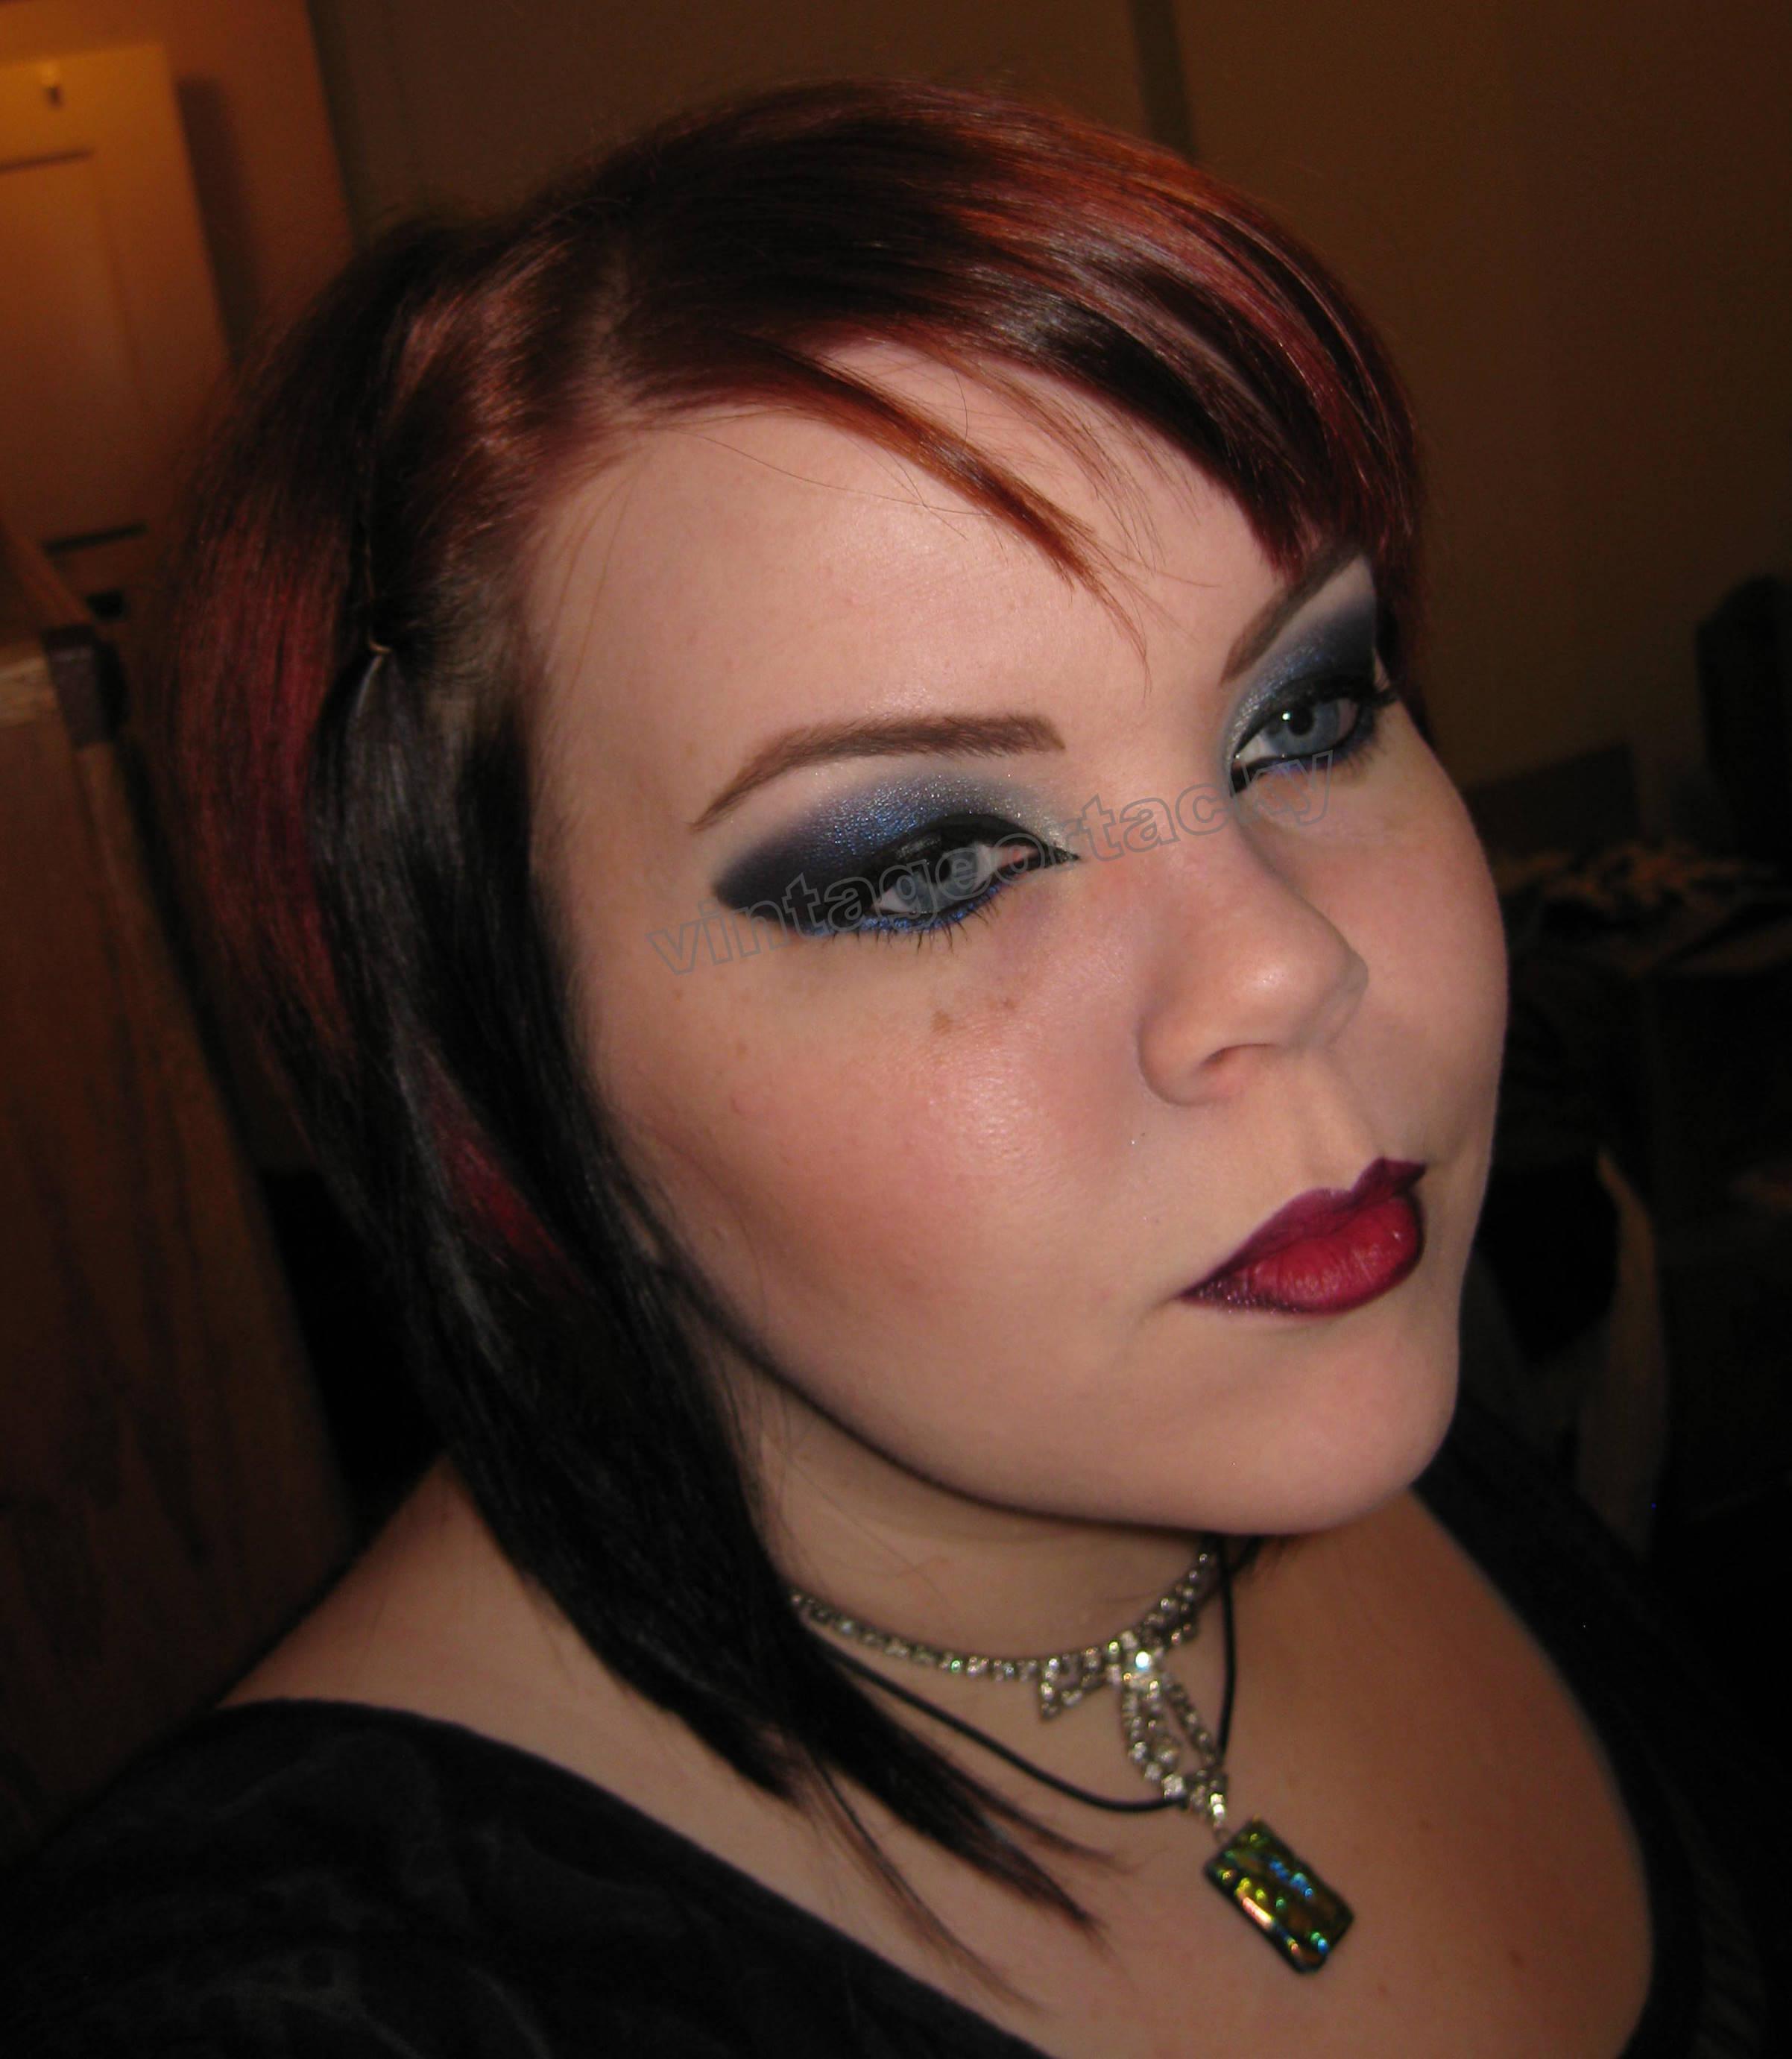 Kat Von D Tattoo Concealer in